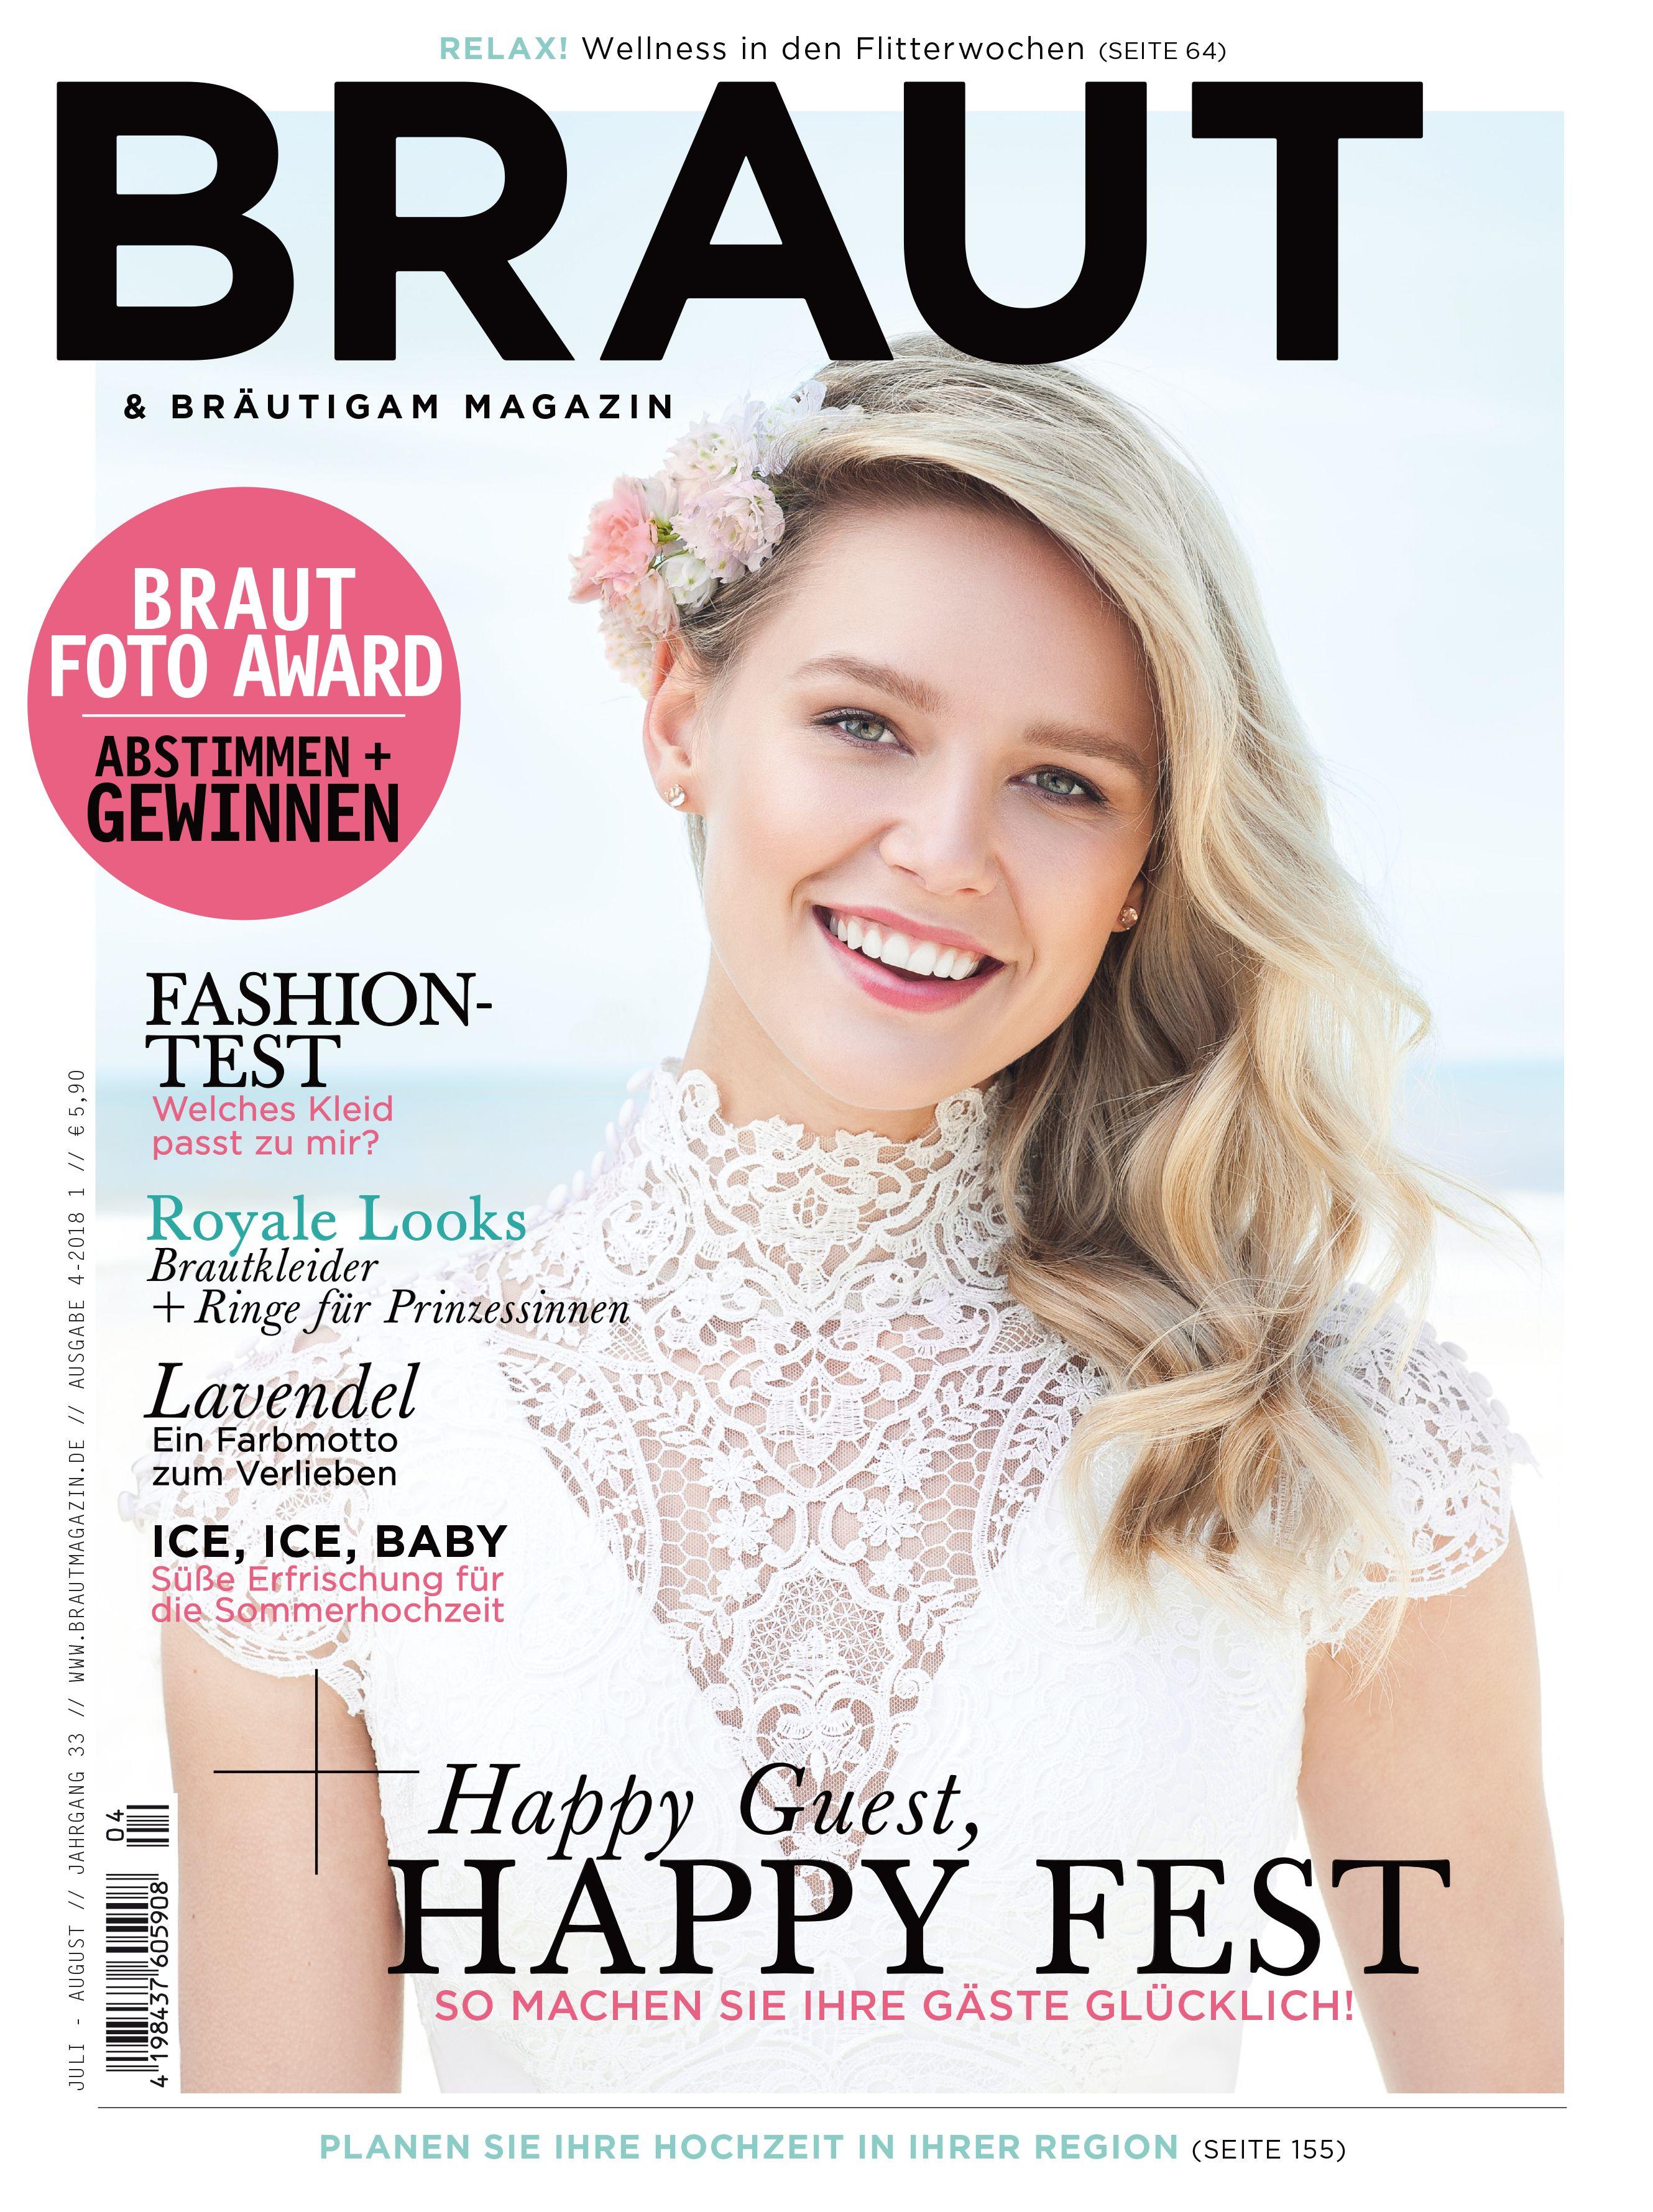 Braut & Bräutigam Magazin - Ausgabe 4-2018 #Brautmagazin #Hochzeit ...